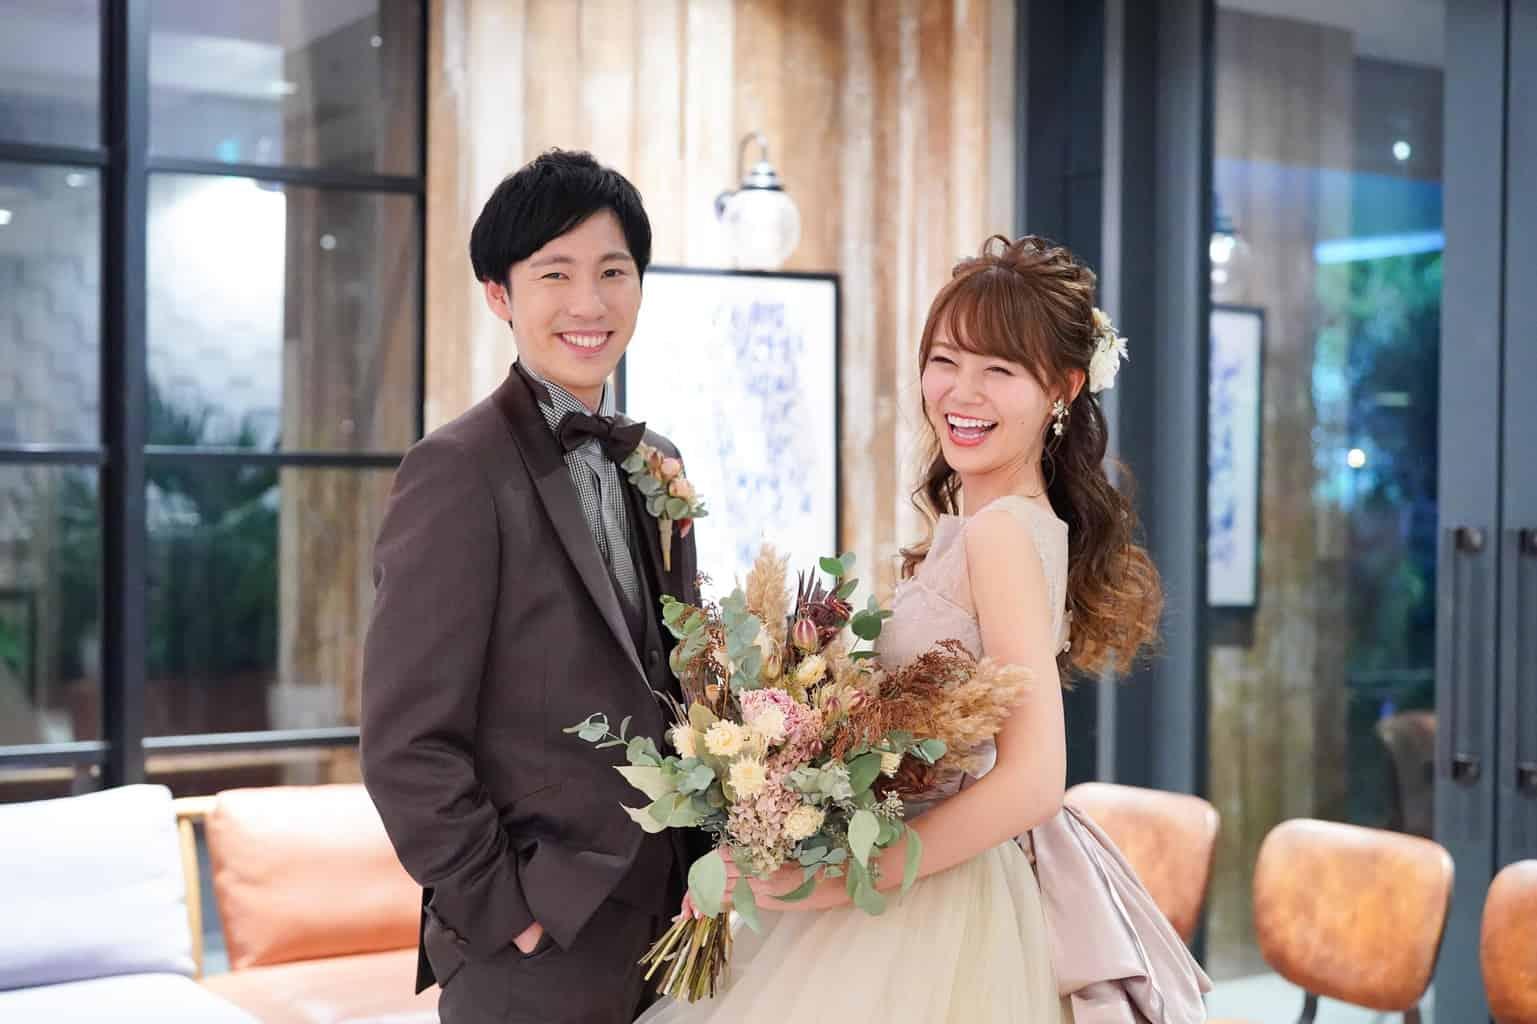 結婚式インスタ #ウェディングニュースでみつけた素敵フォト15選のカバー写真